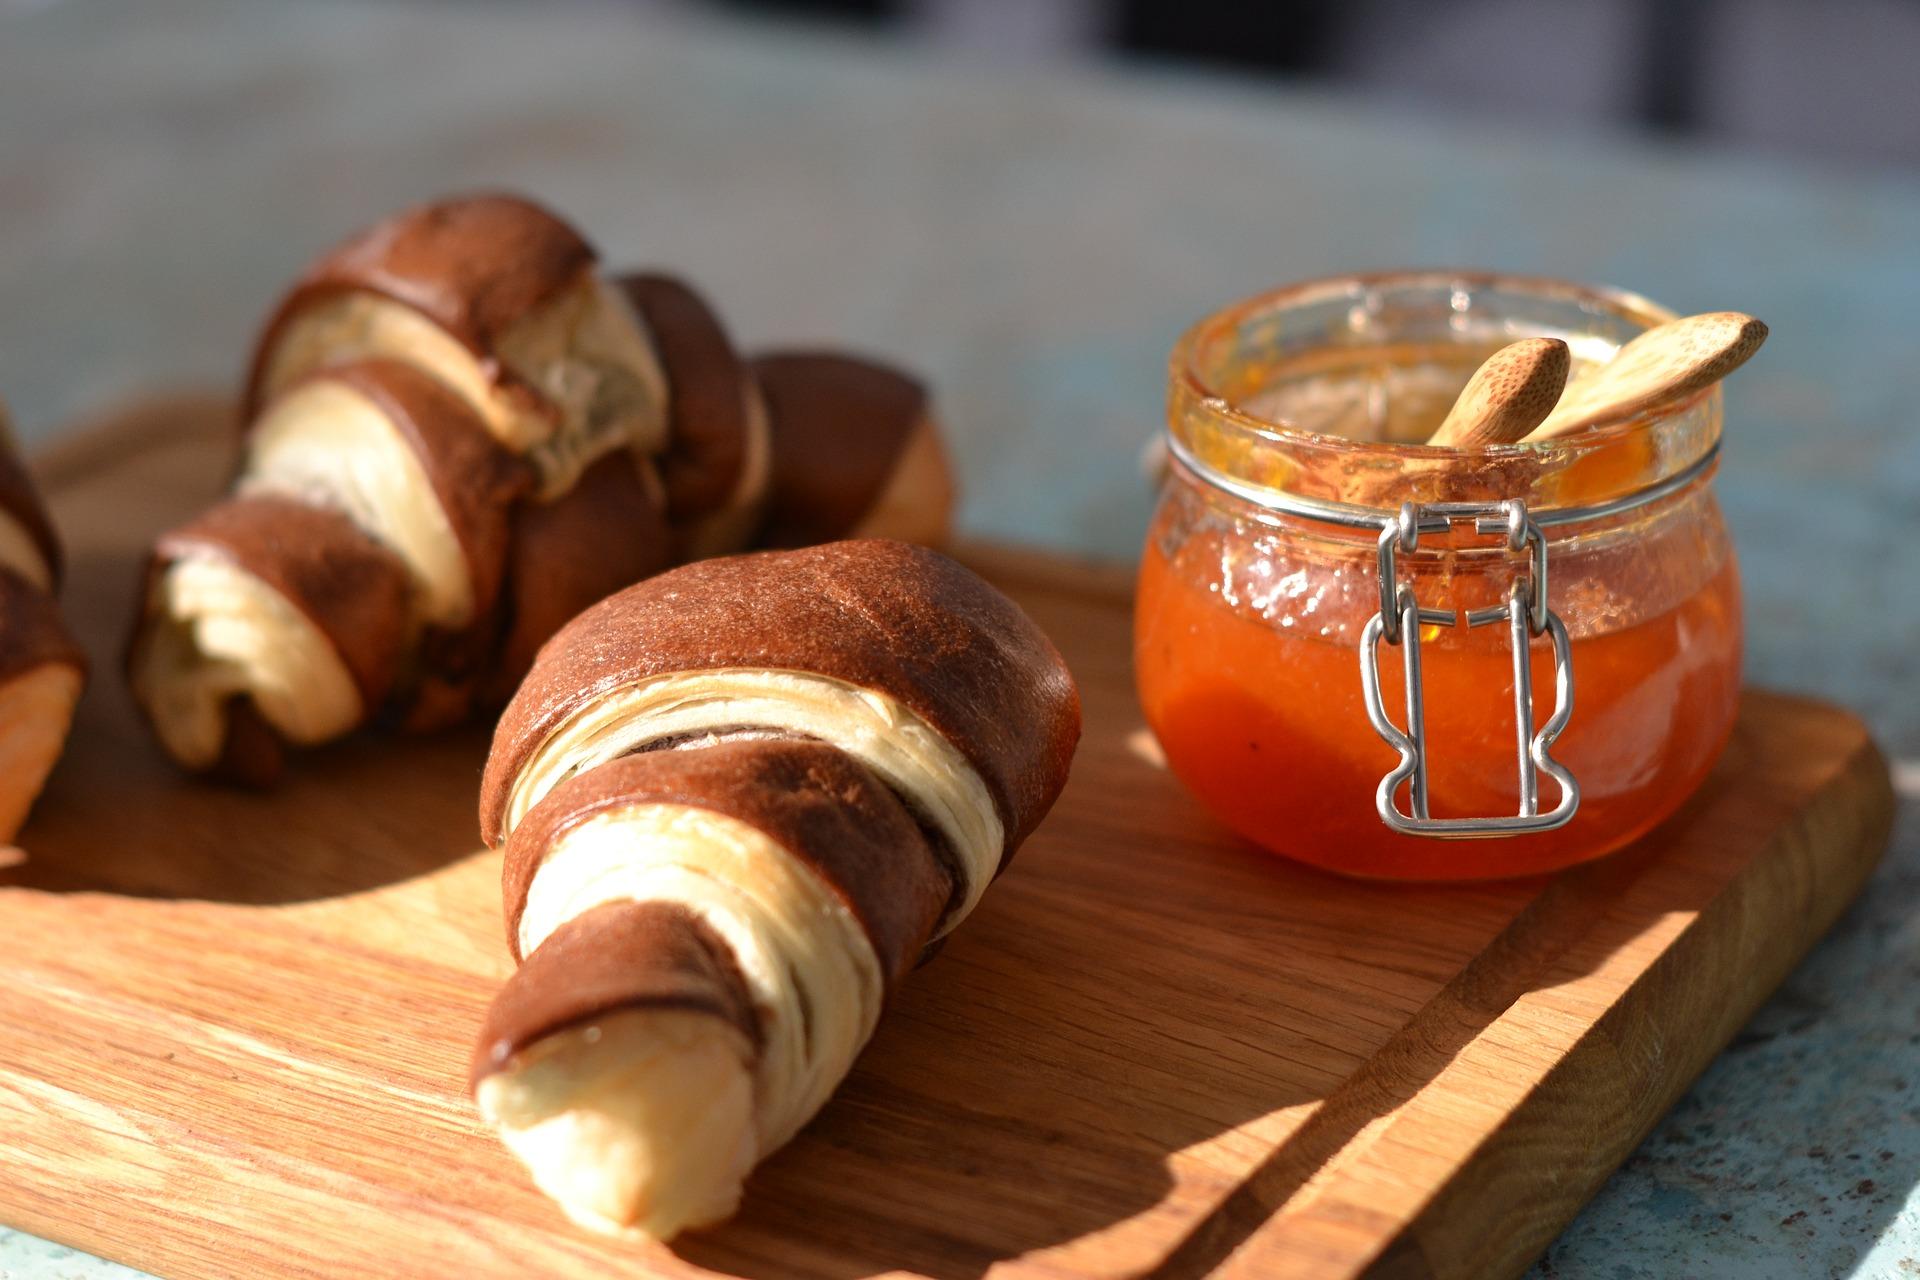 Los croissant de hojaldre son típicos de los desayunos pausados